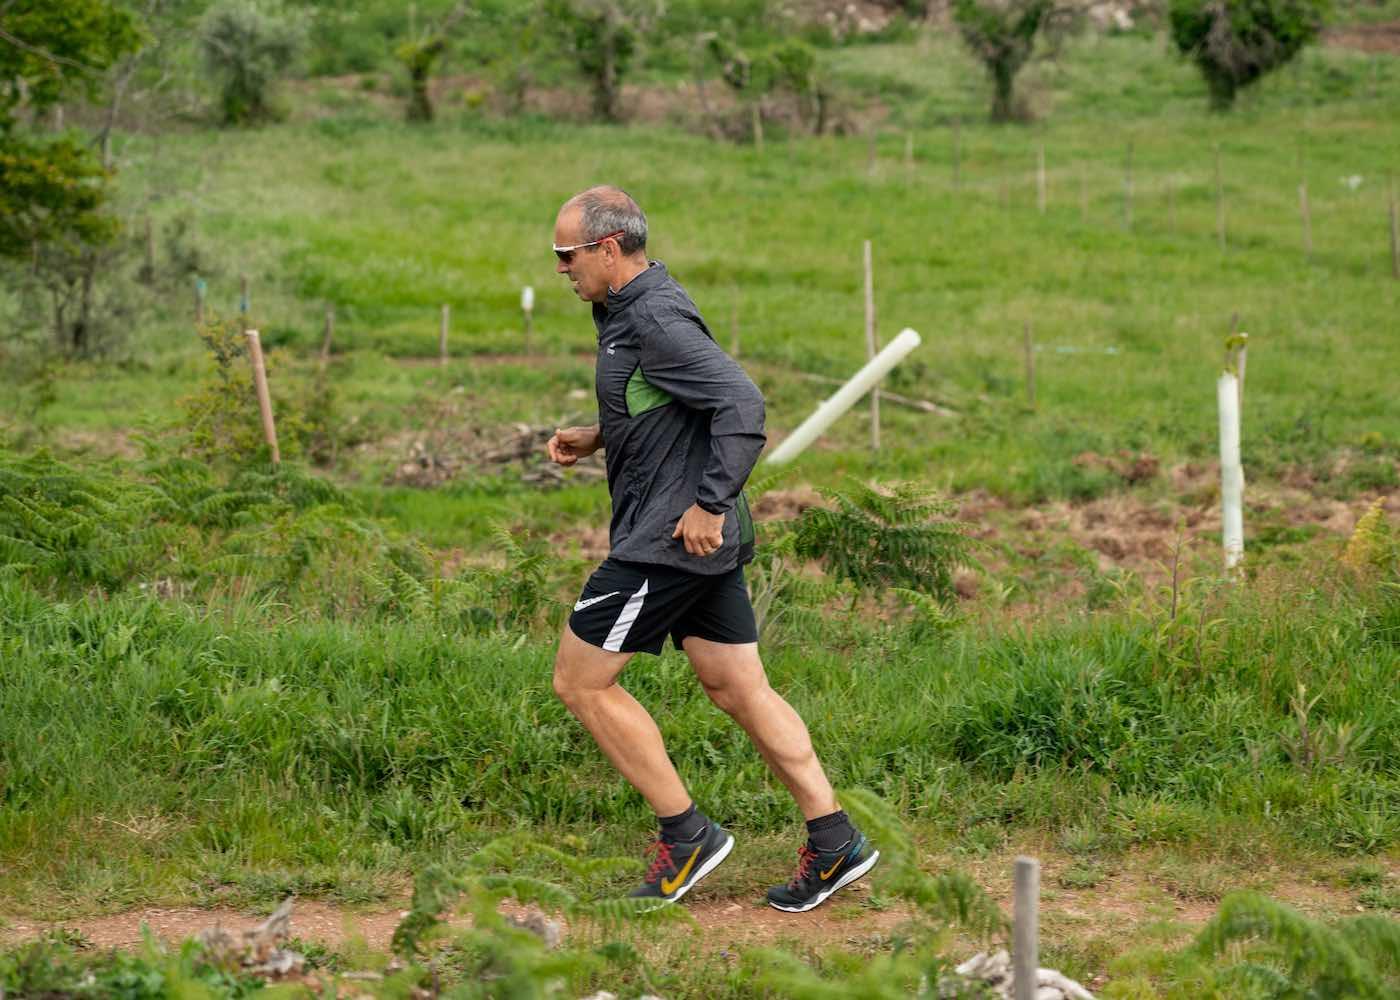 pedro pedrosa a correr numa trilha ao ar livre